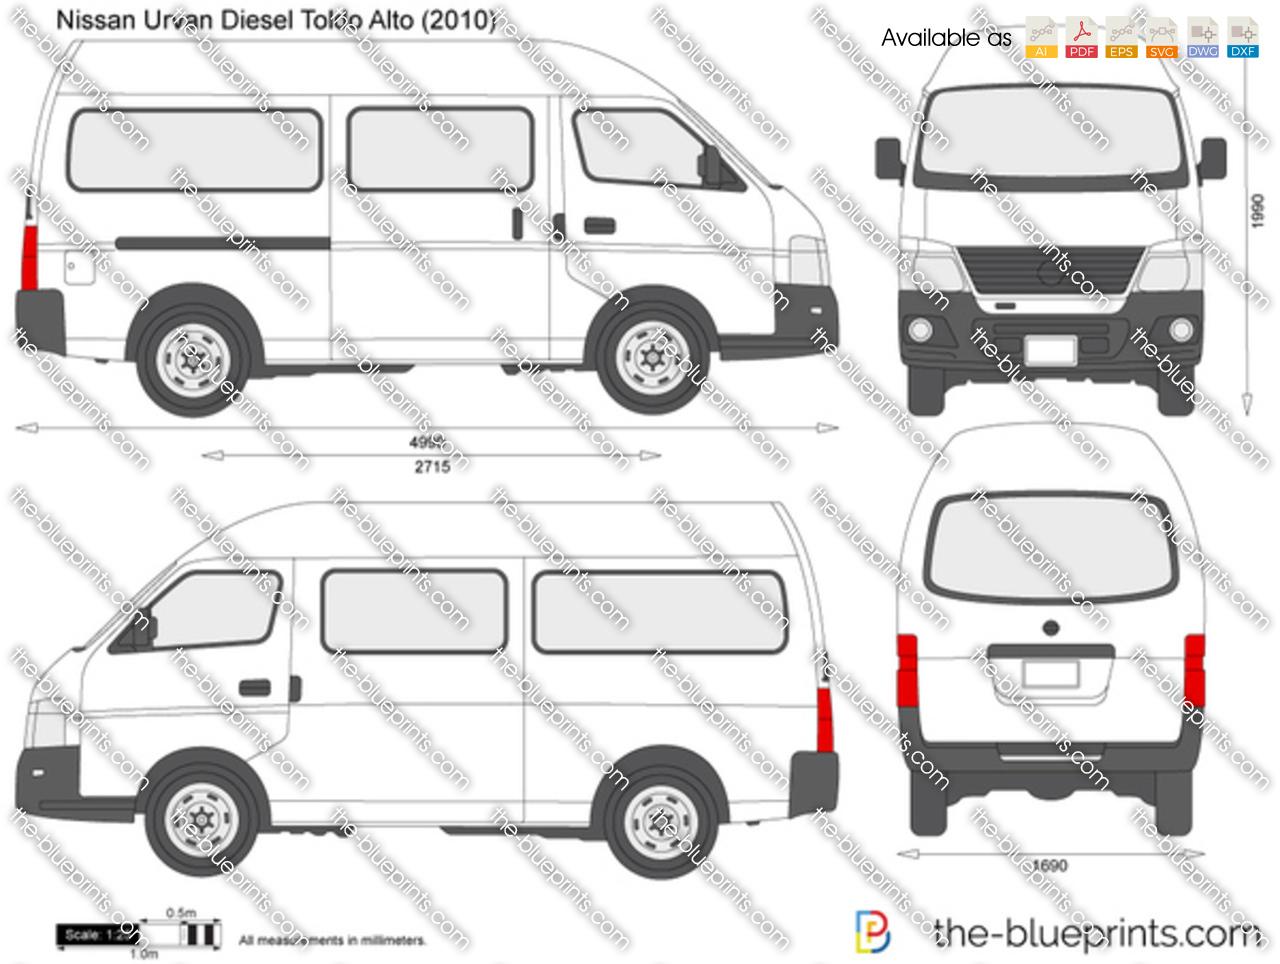 Nissan Urvan Diesel Toldo Alto 2007